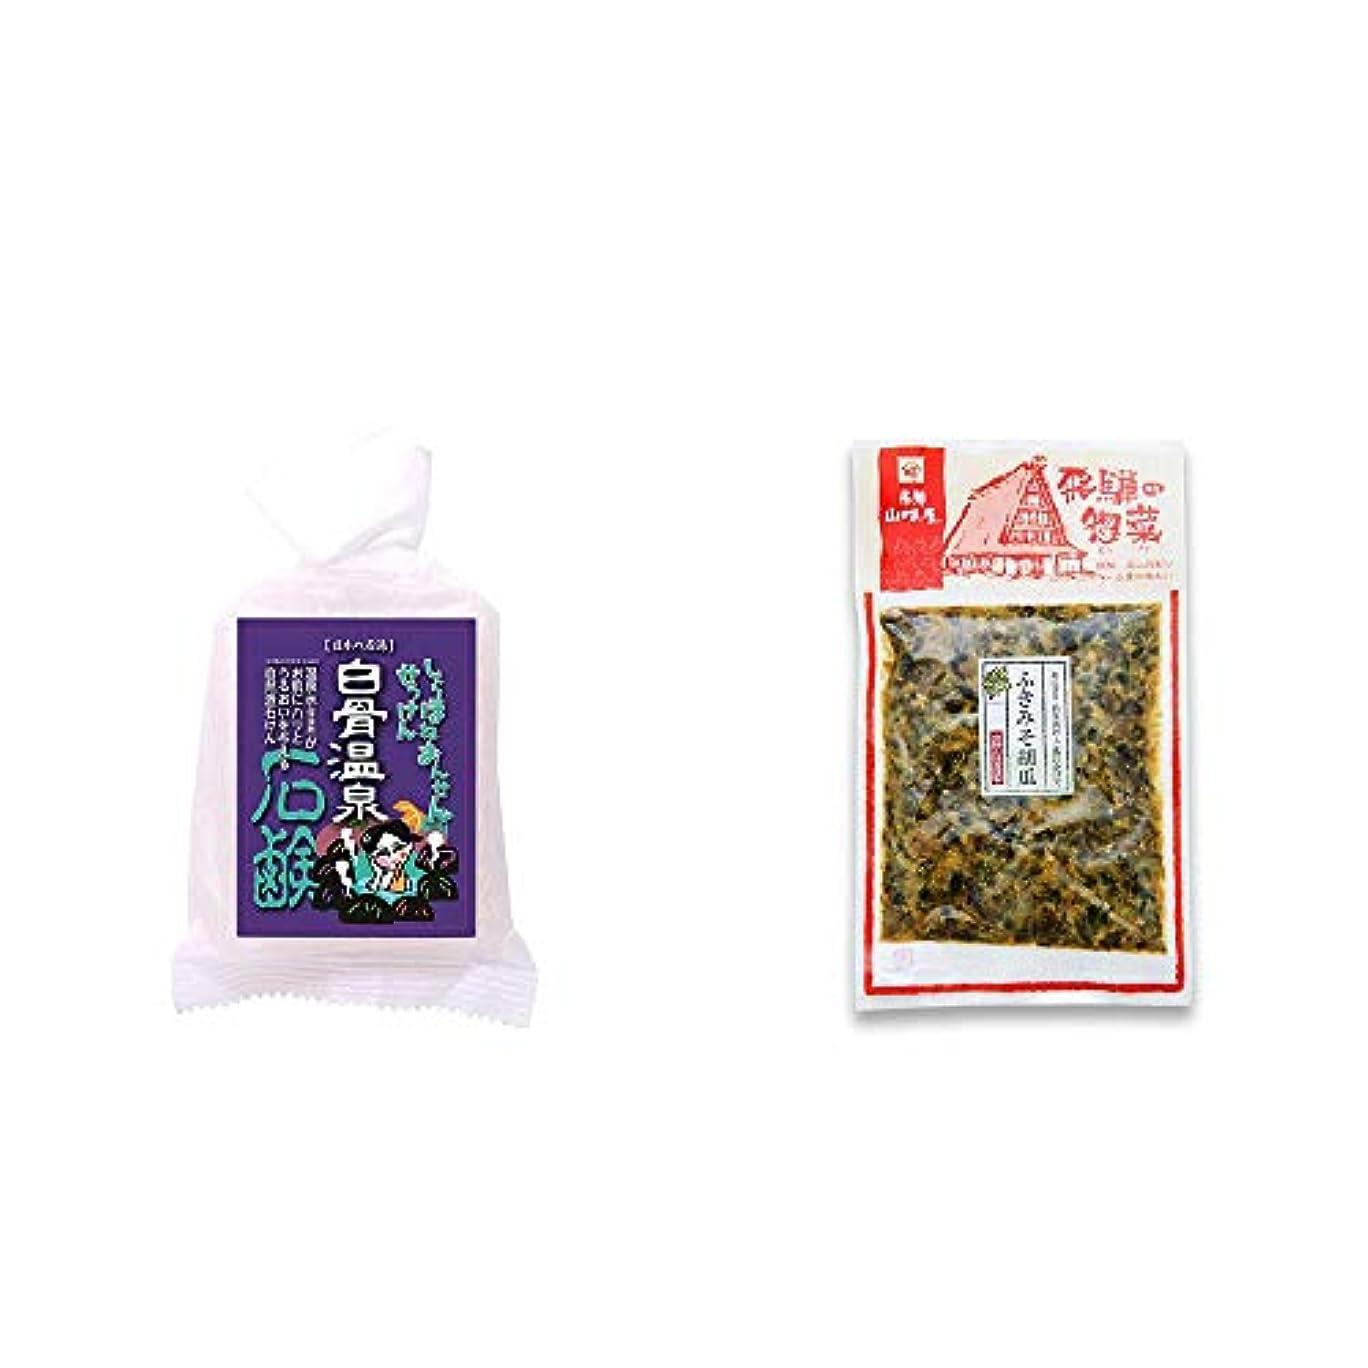 レルム想起天国[2点セット] 信州 白骨温泉石鹸(80g)?飛騨山味屋 ふきみそ胡瓜(120g)